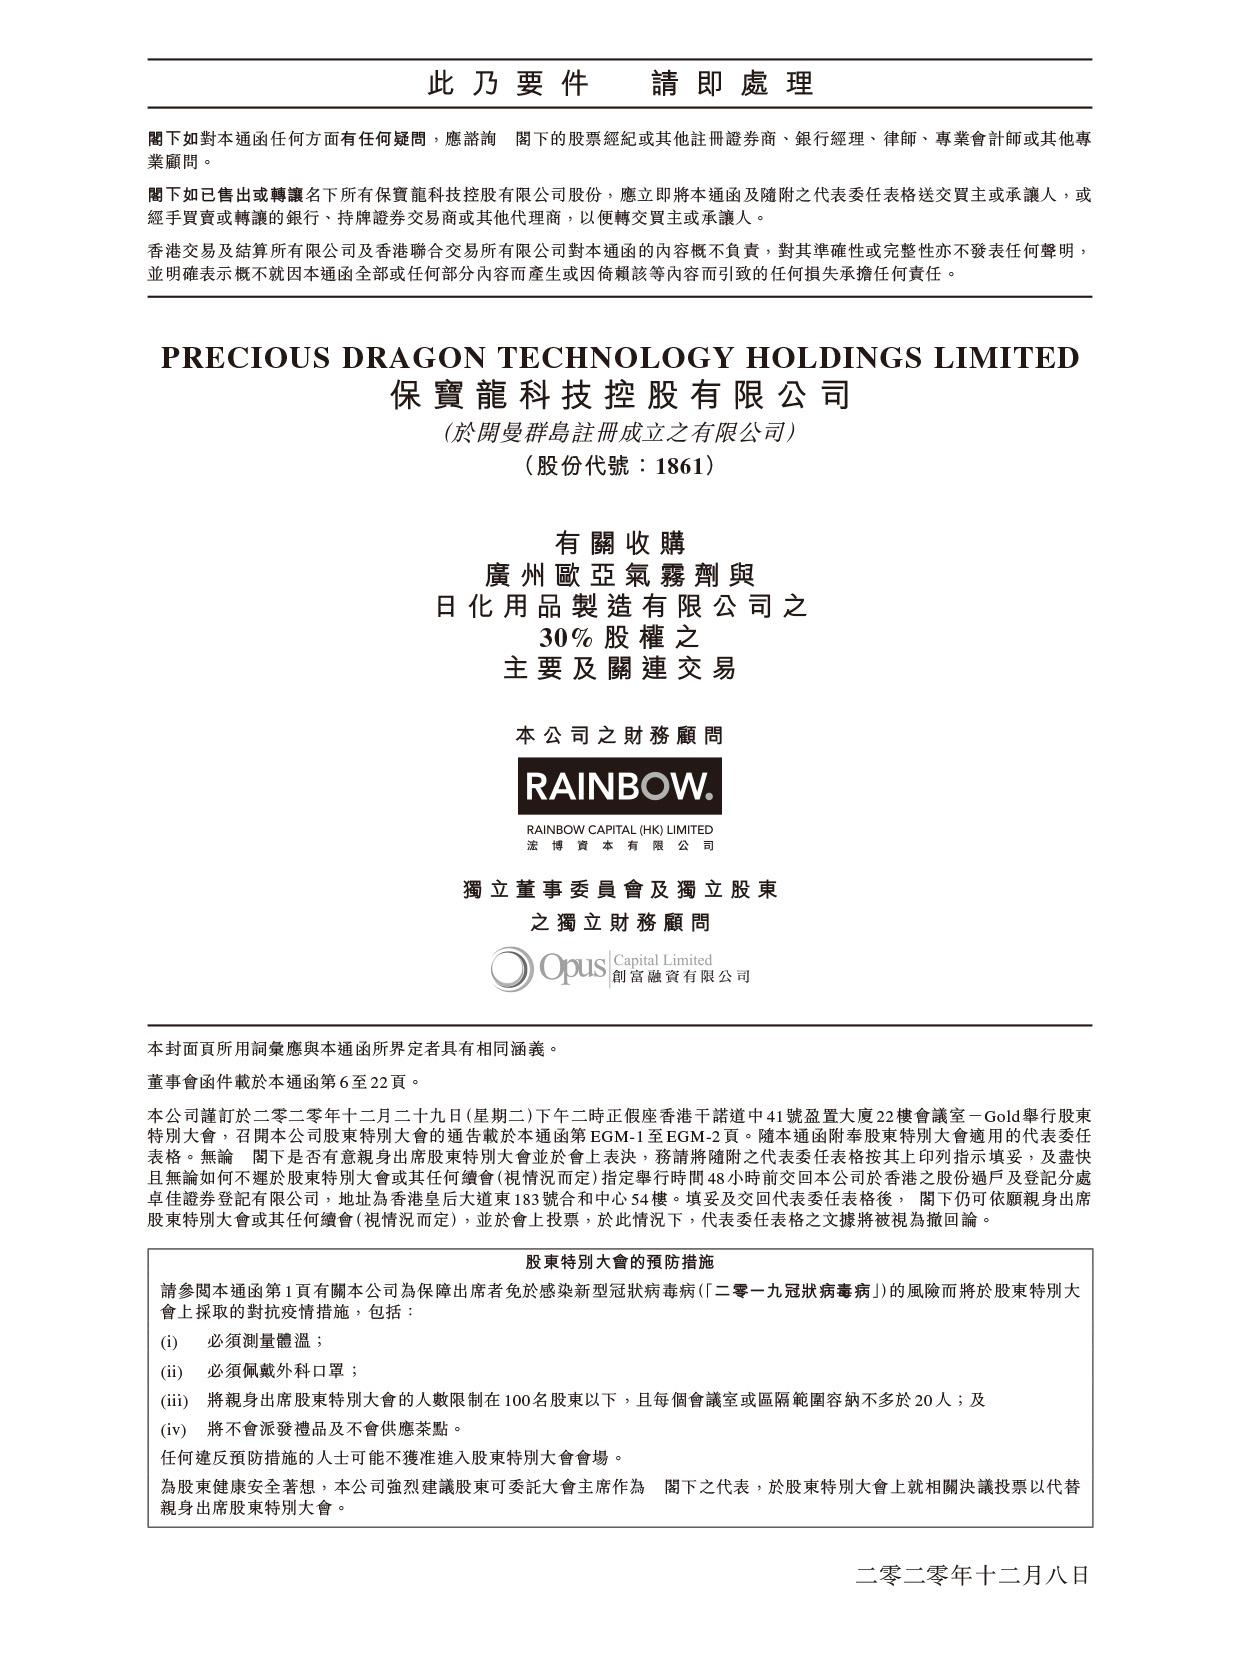 保寶龍科技控股有限公司